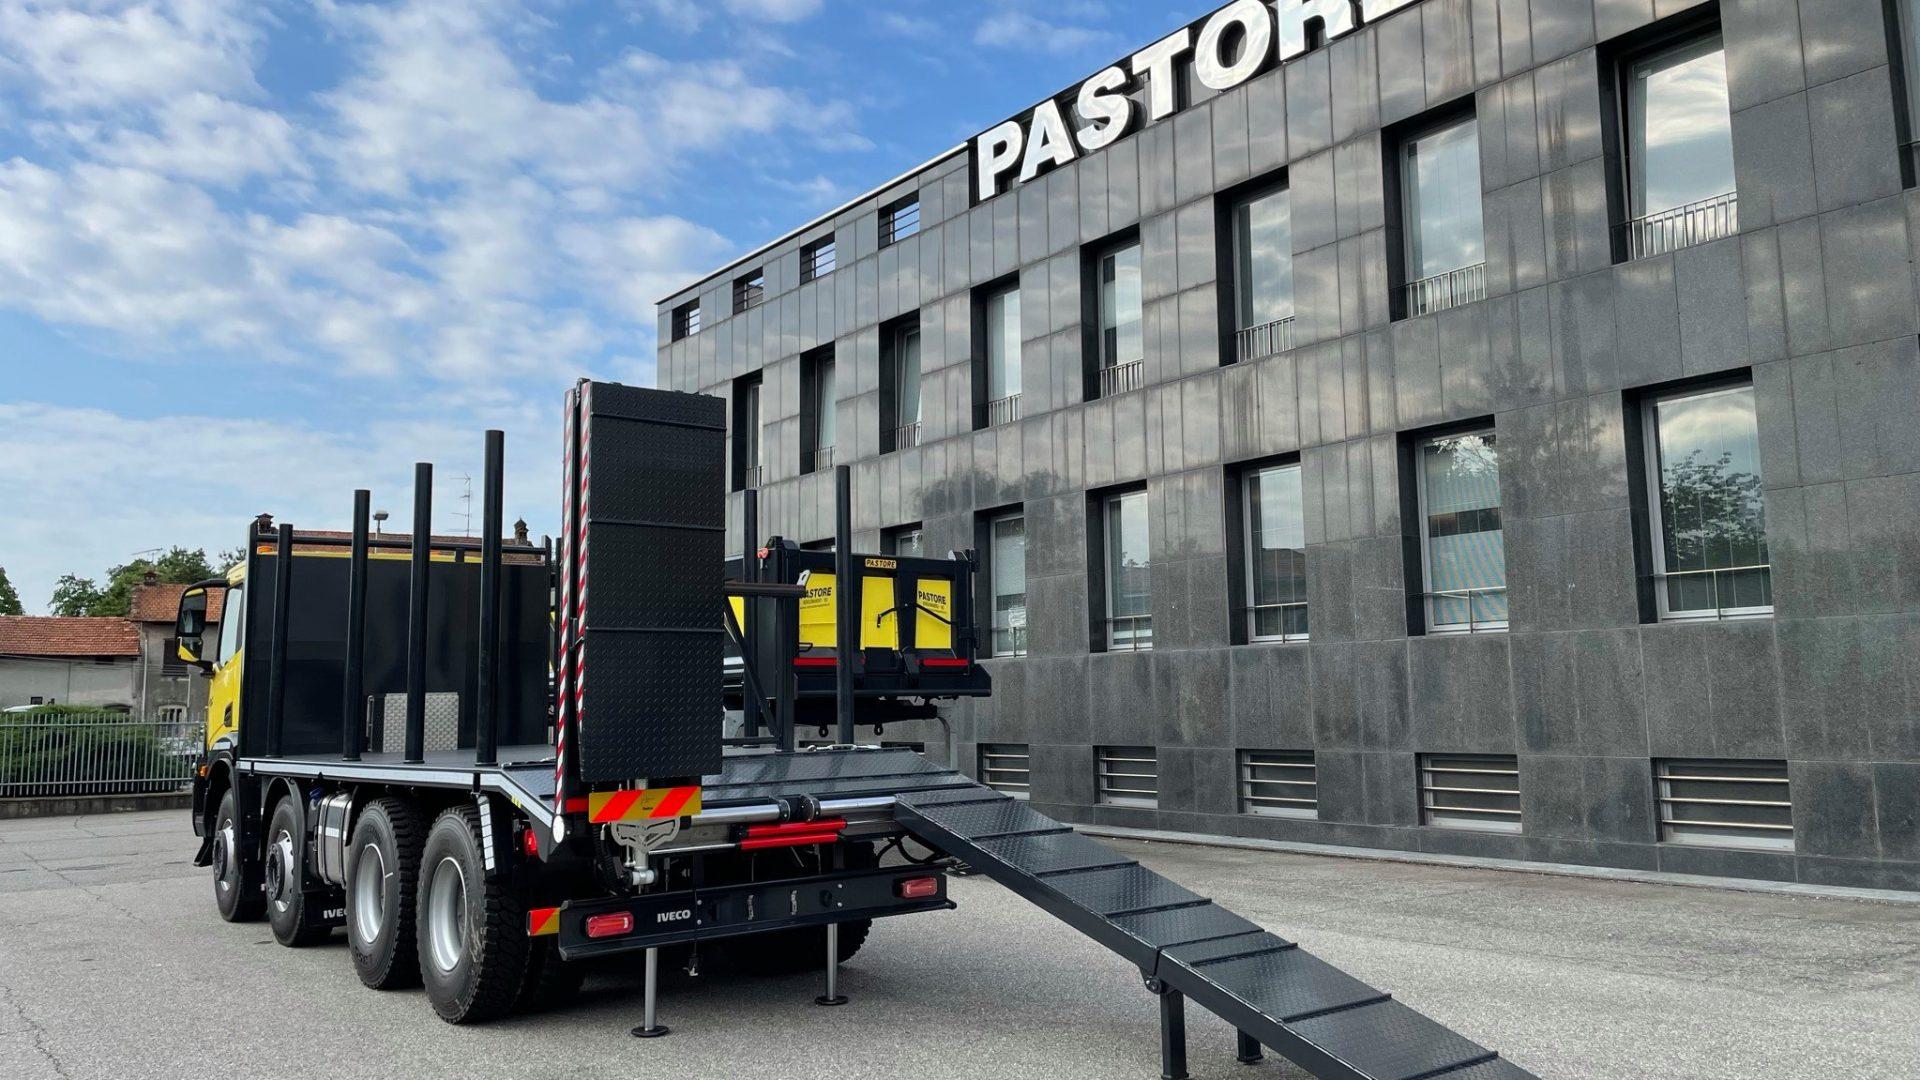 Carrozzeria Pastore ha come principale obiettivo la sicurezza di azionamento